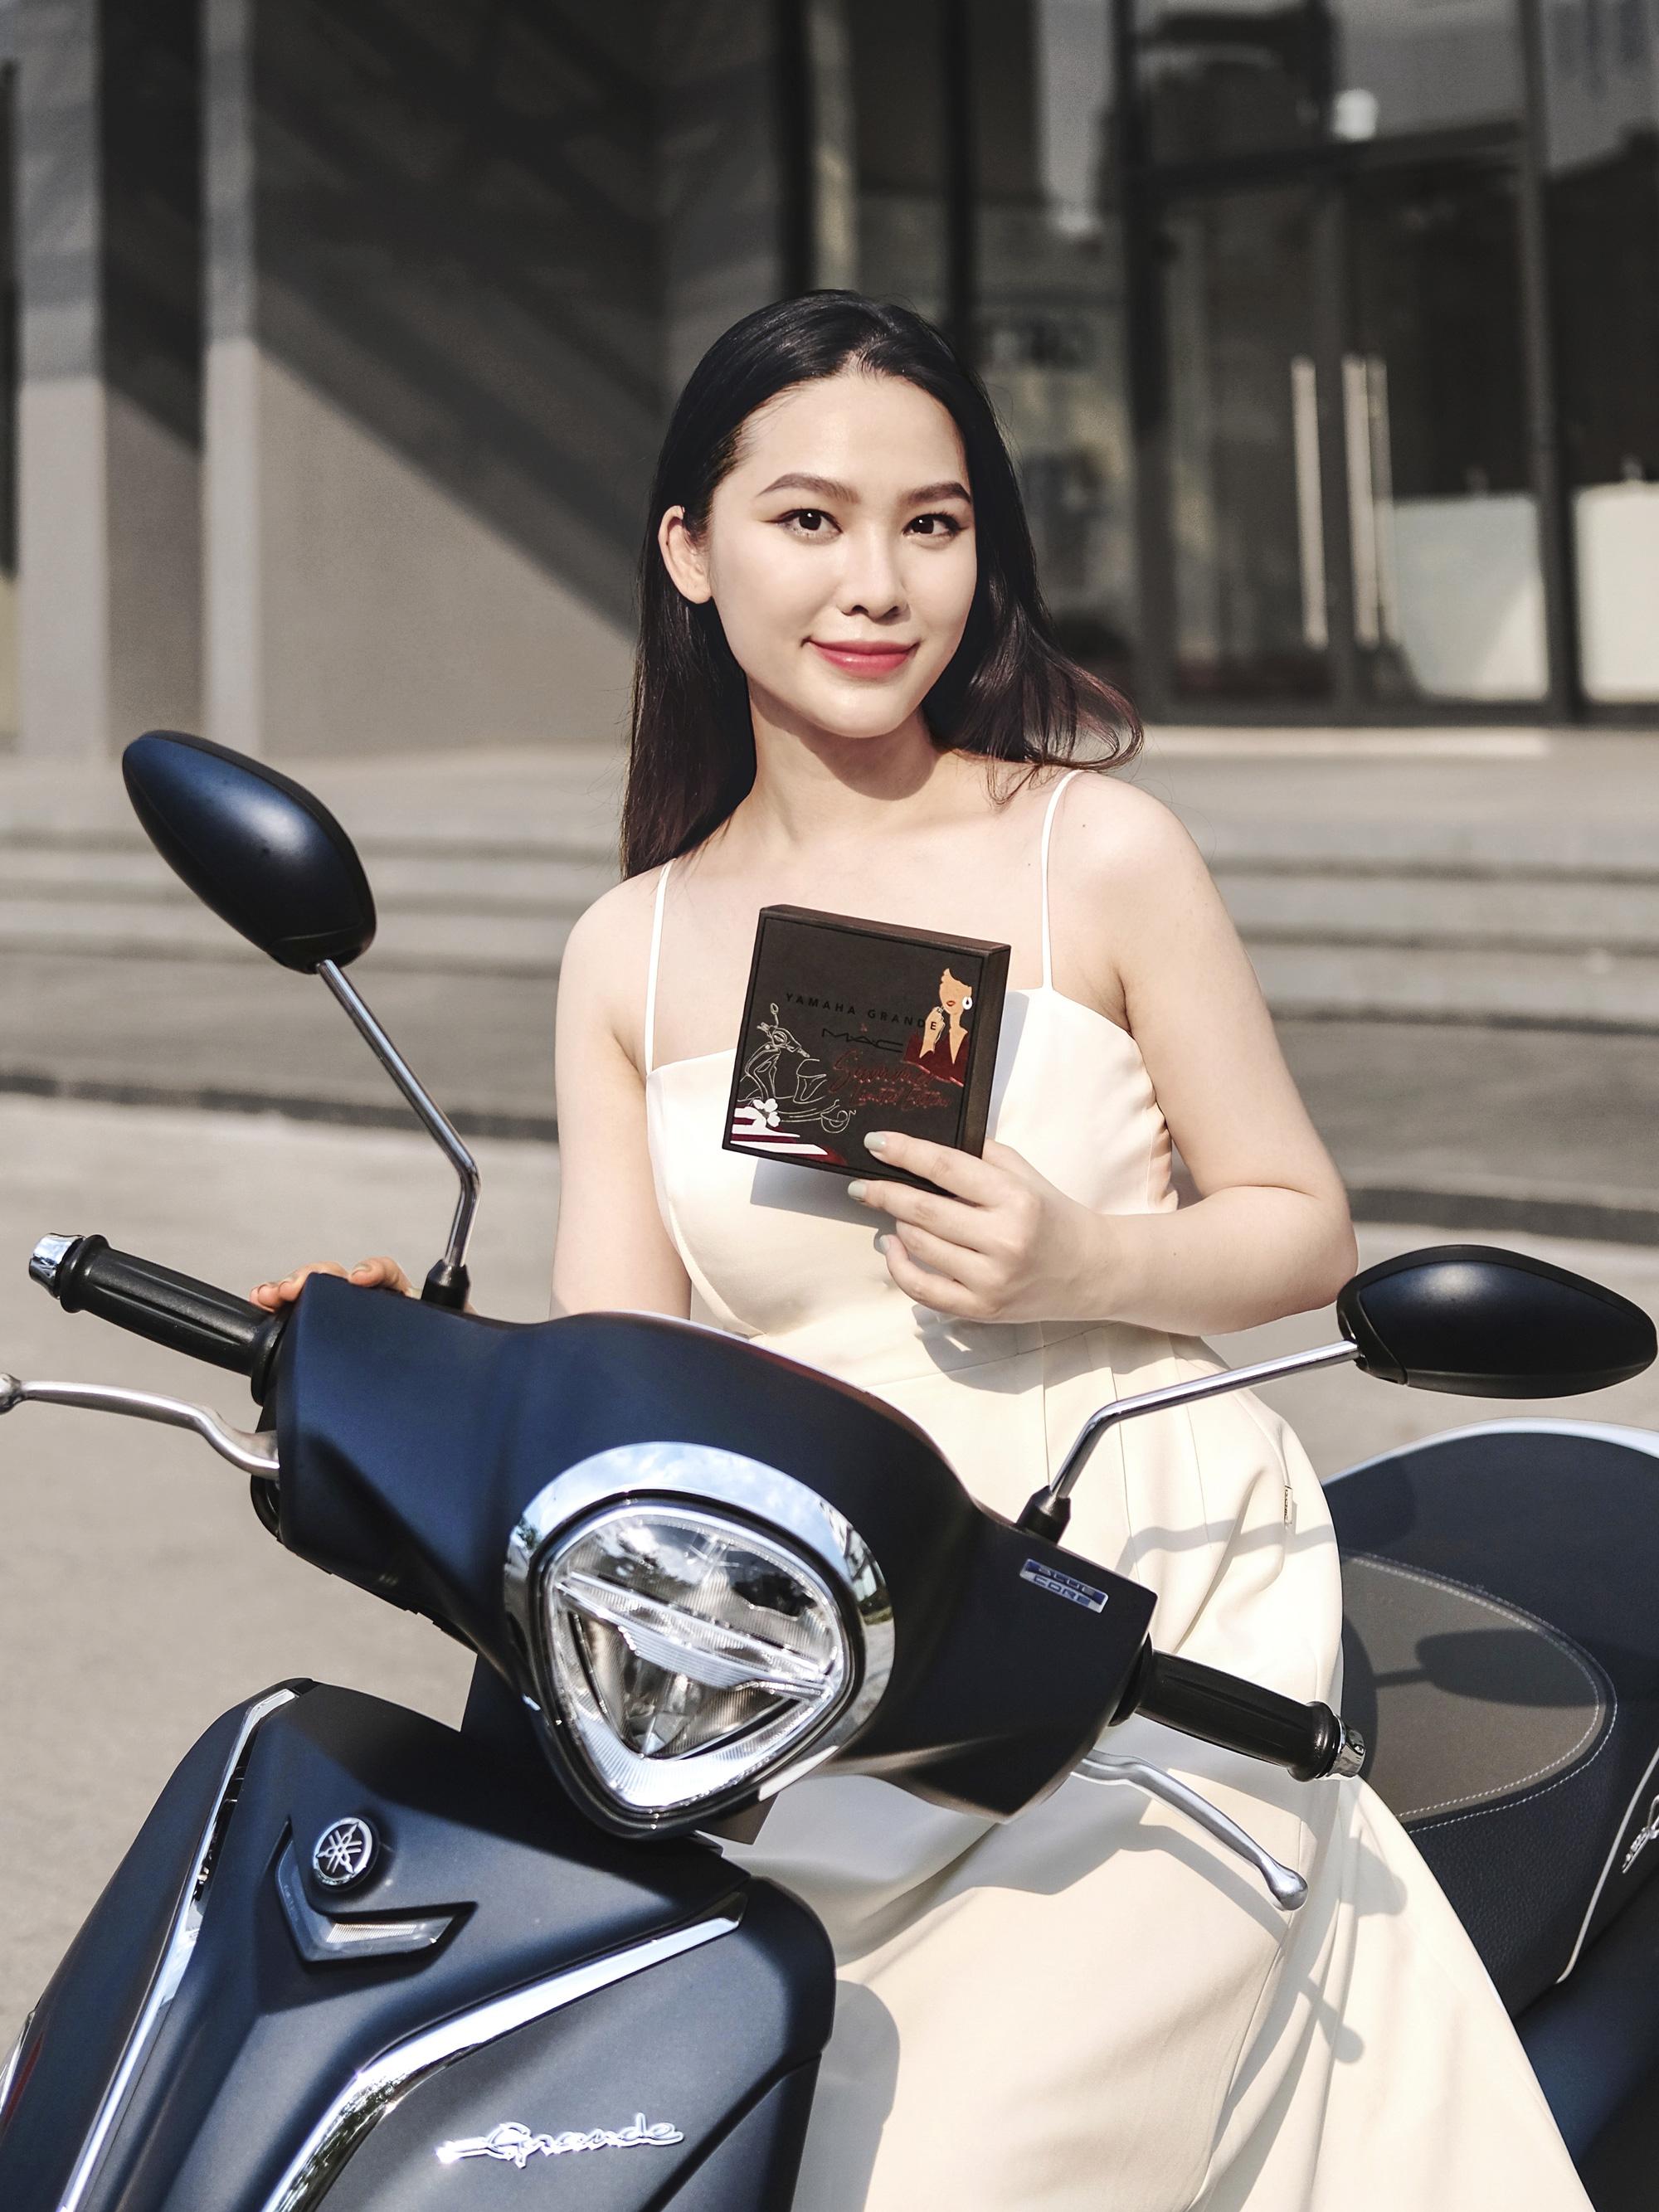 """Yamaha tung ưu đãi """"Xe đẹp môi xinh, hè thêm rạng rỡ"""" khiến tín đồ làm đẹp hào hứng săn lùng - Ảnh 4."""